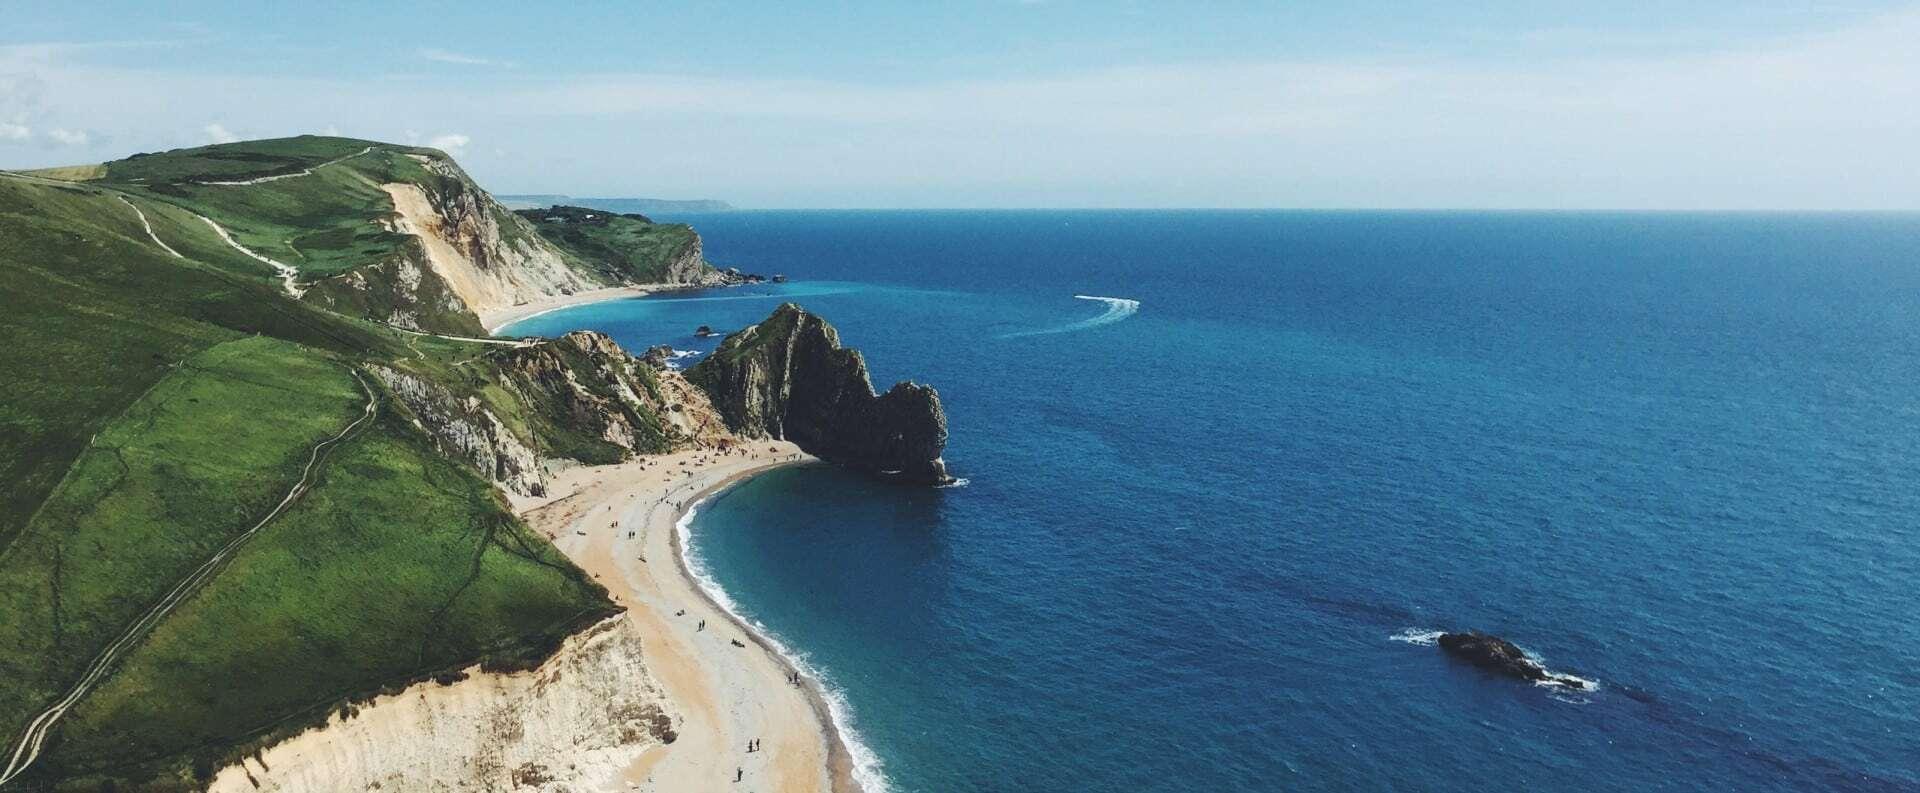 Burnbake's guide to Dorset's best beaches